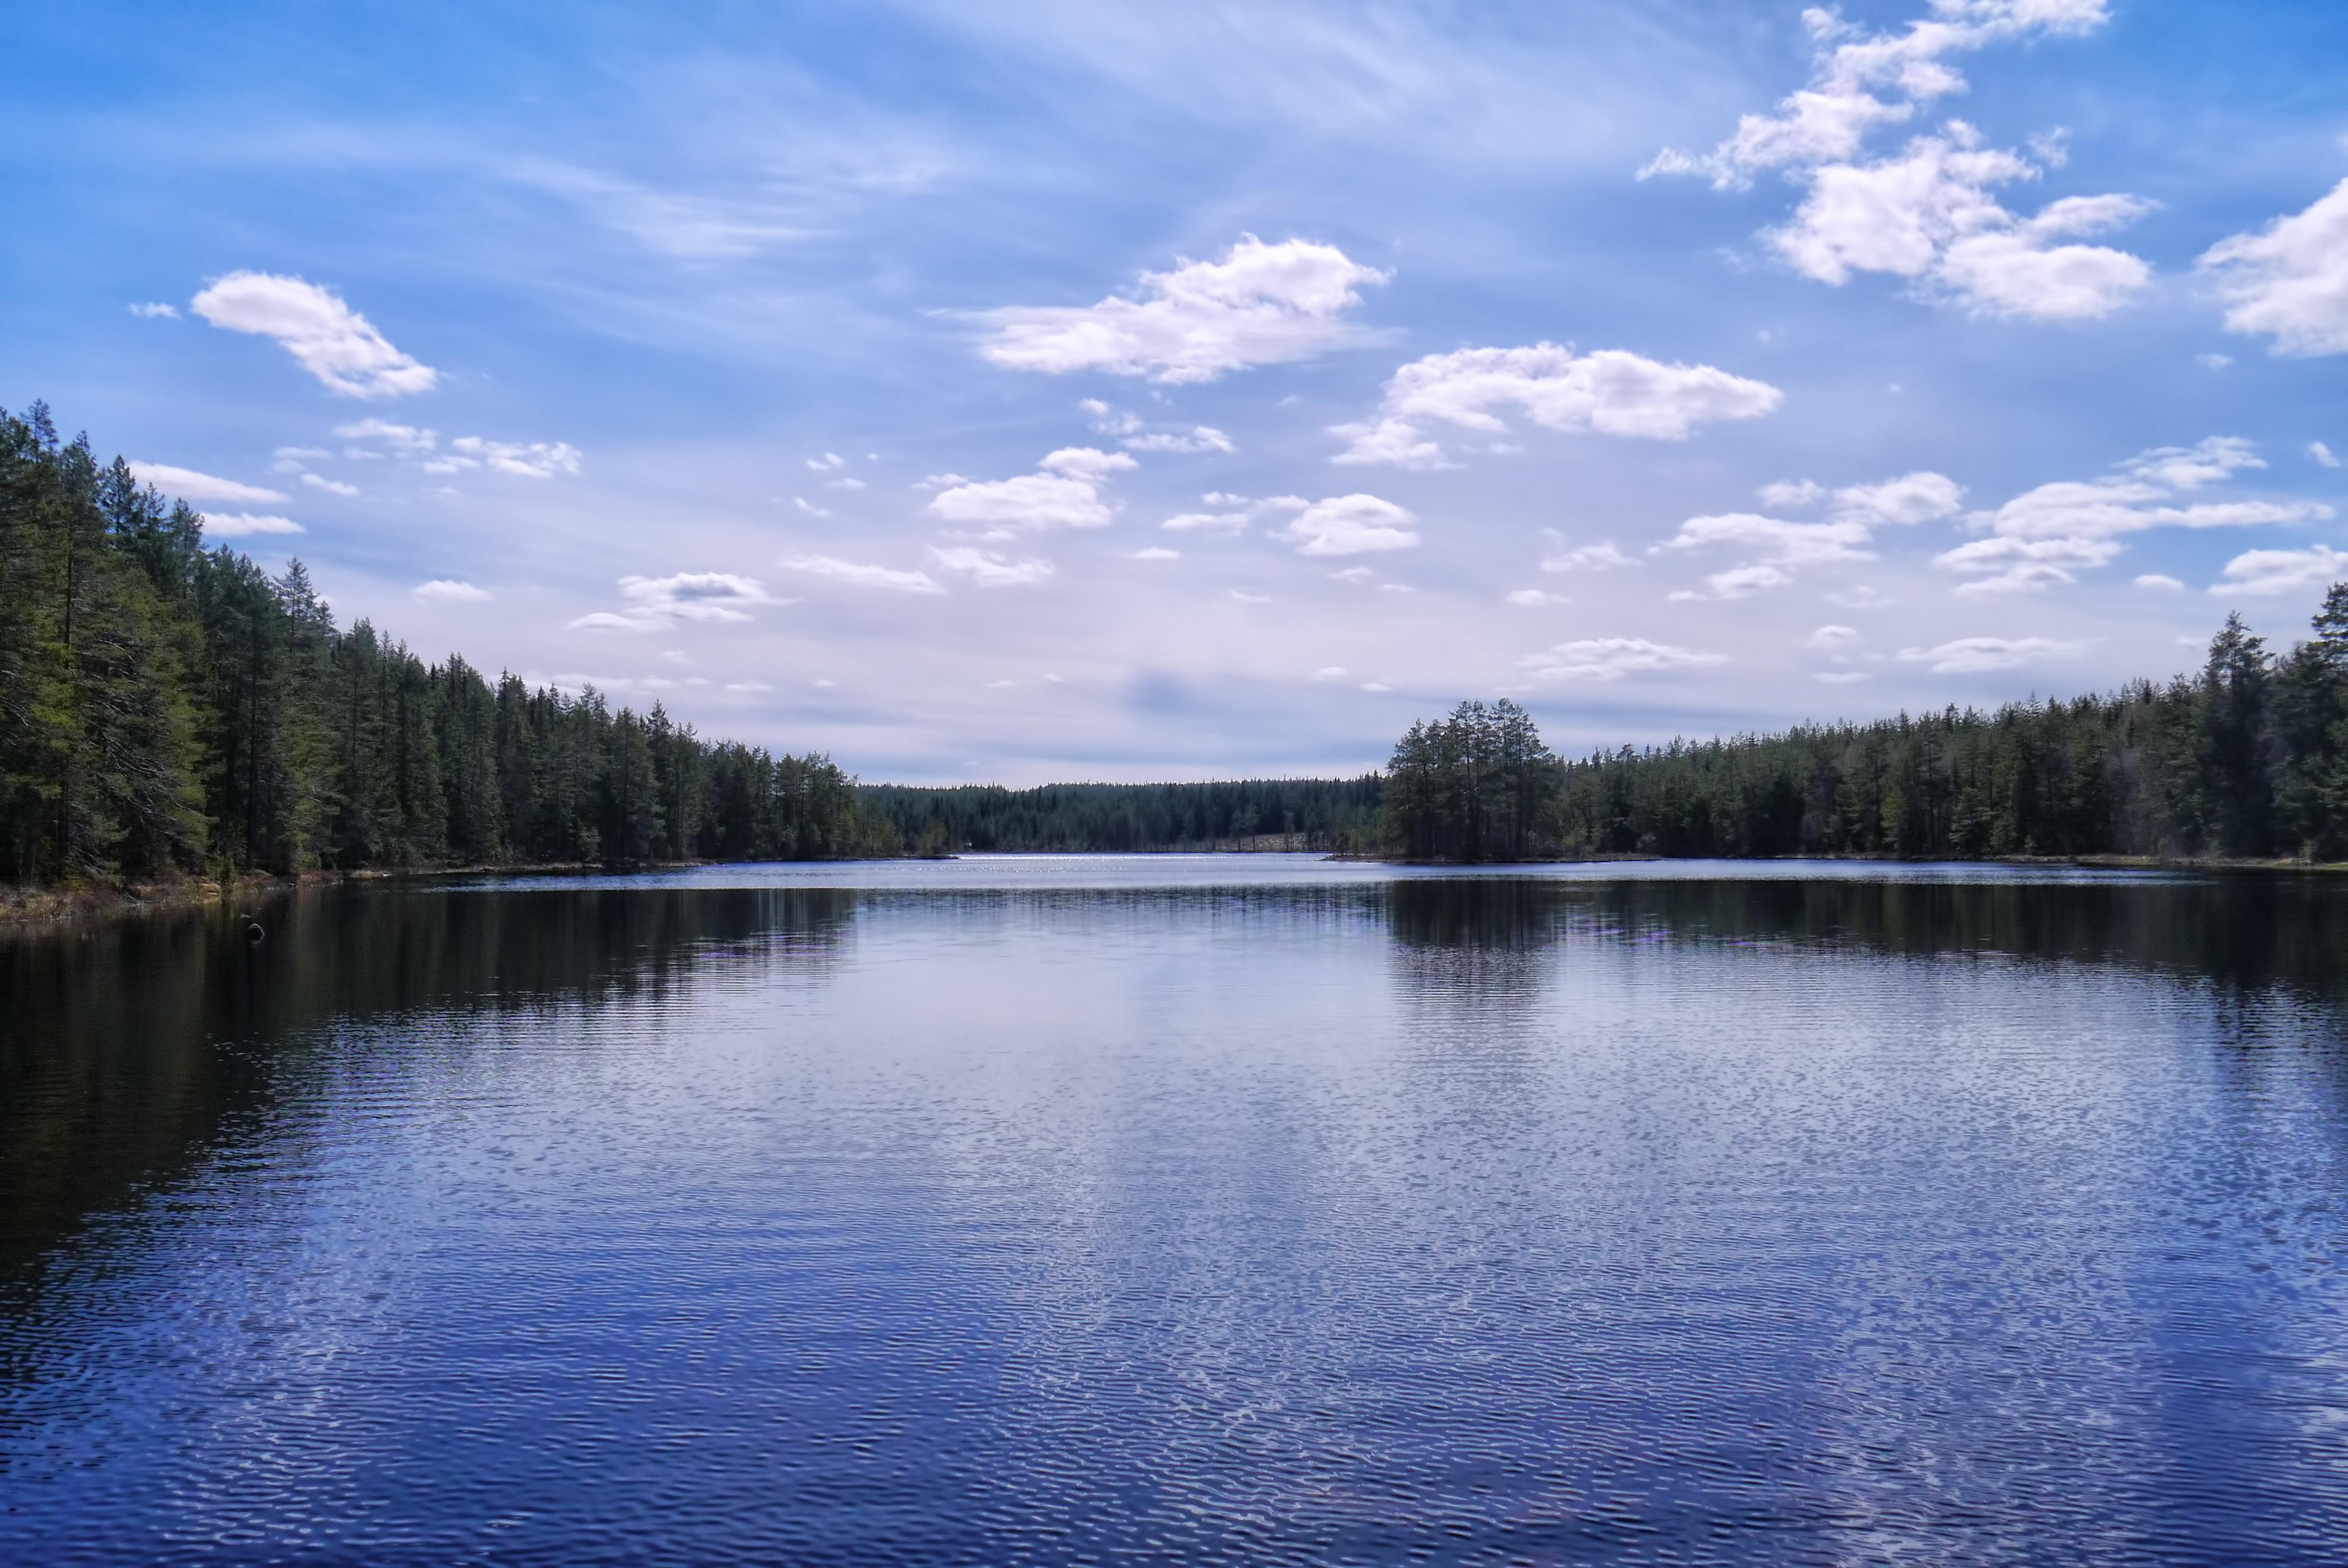 Exceptionnel Images Gratuites : paysage, arbre, eau, la nature, forêt, de plein  YX59